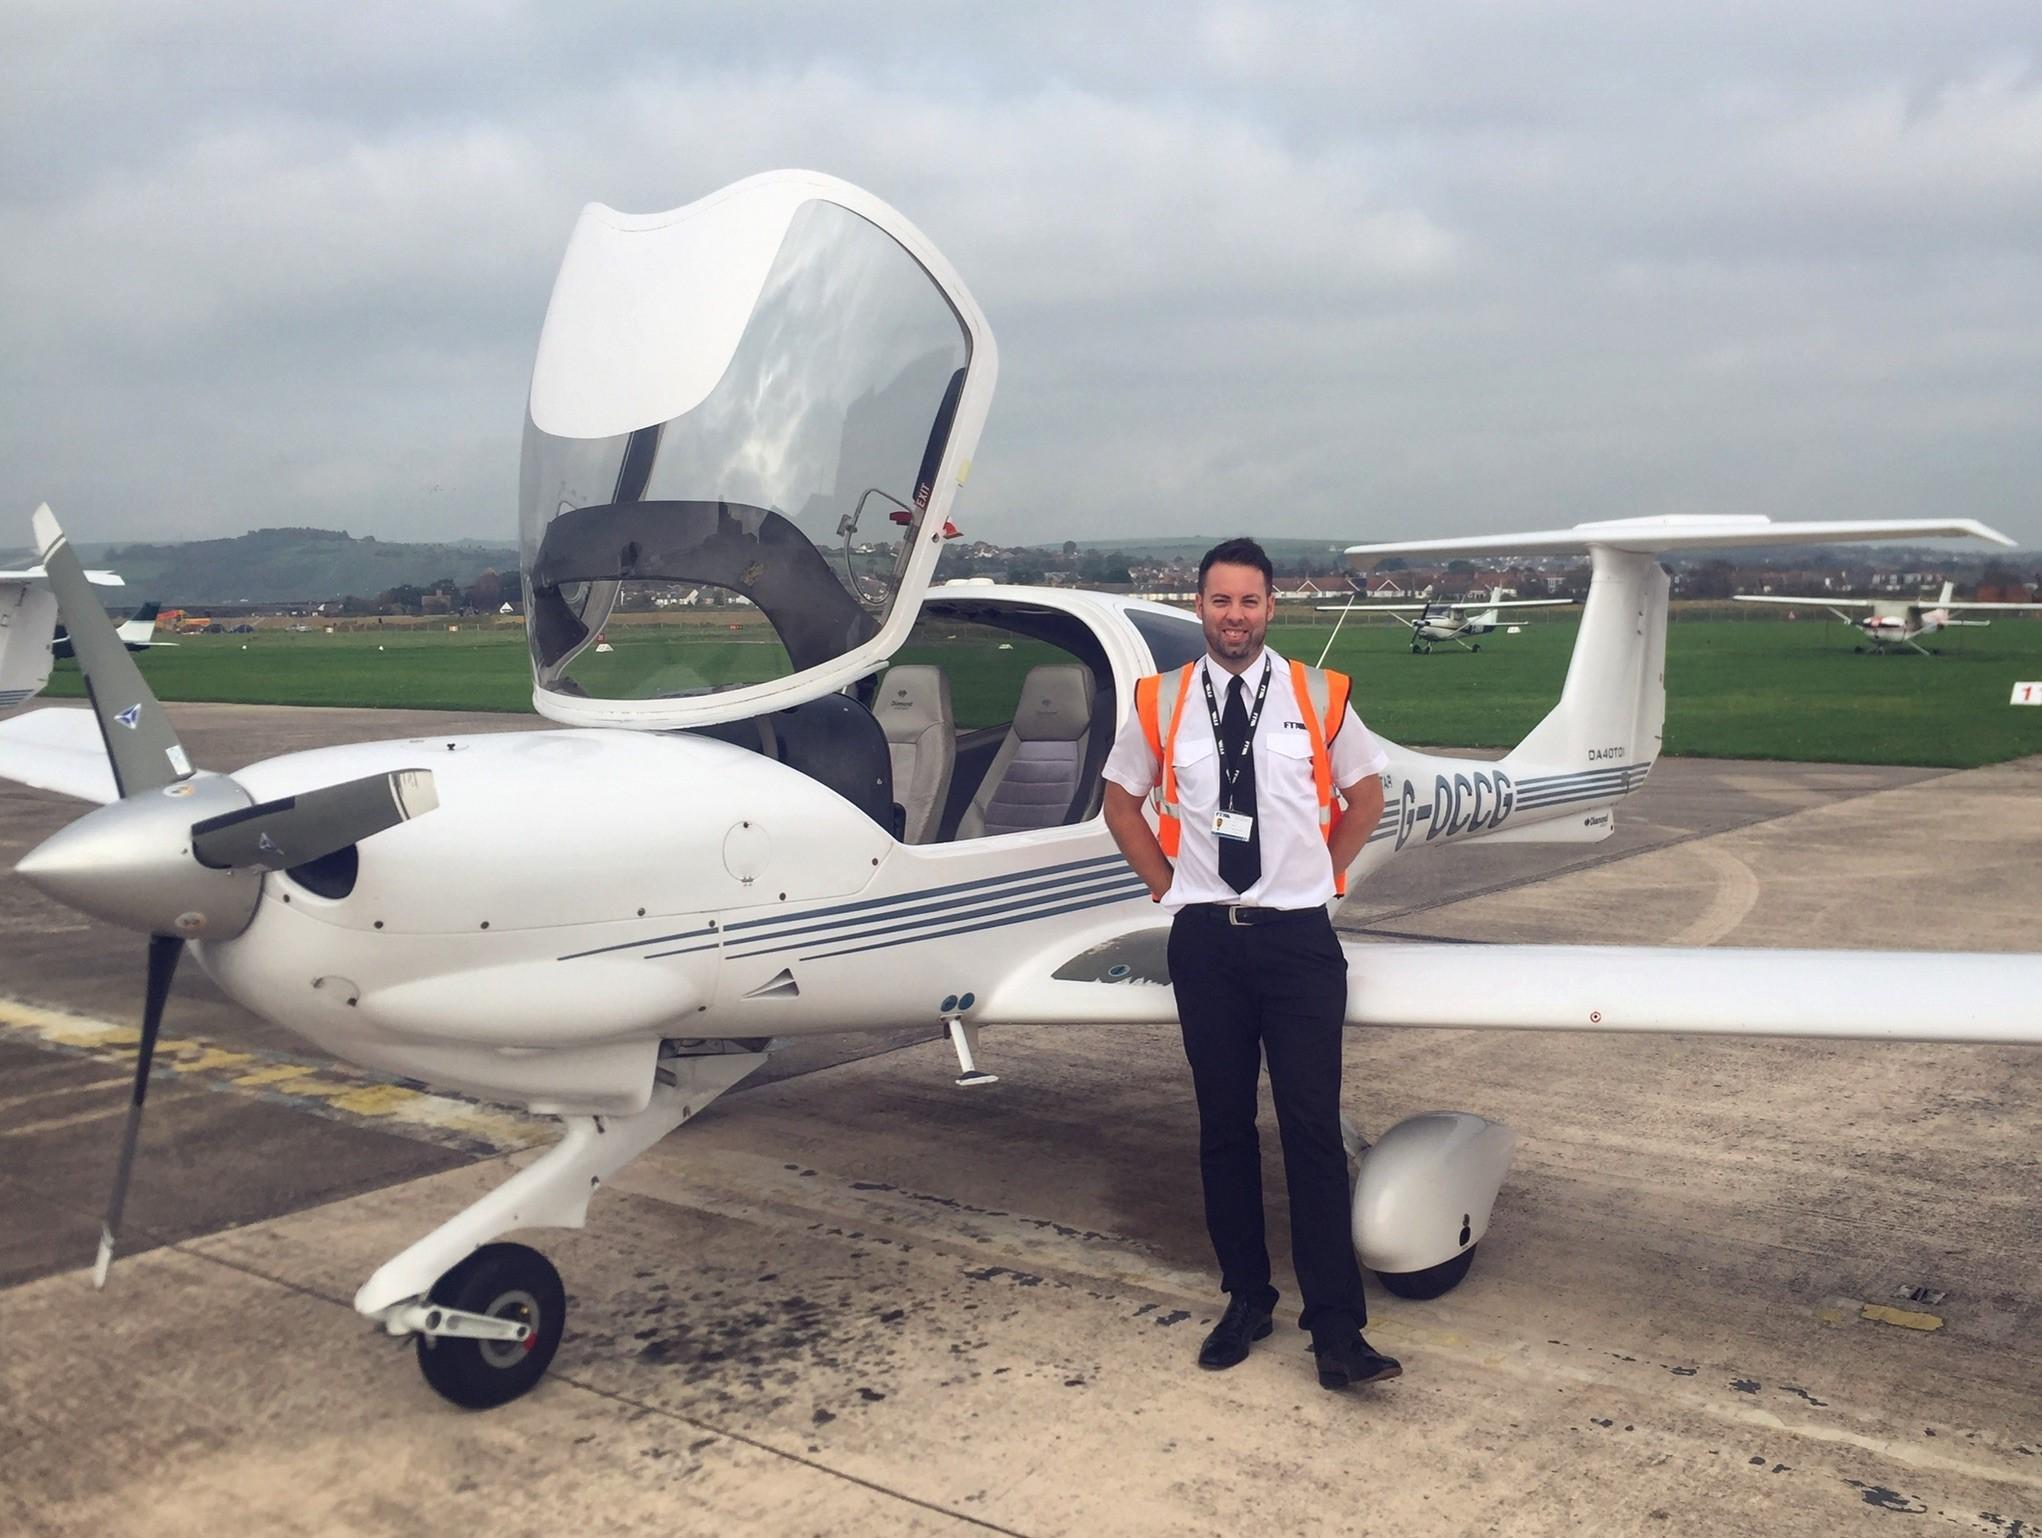 Tom-flight-instructor